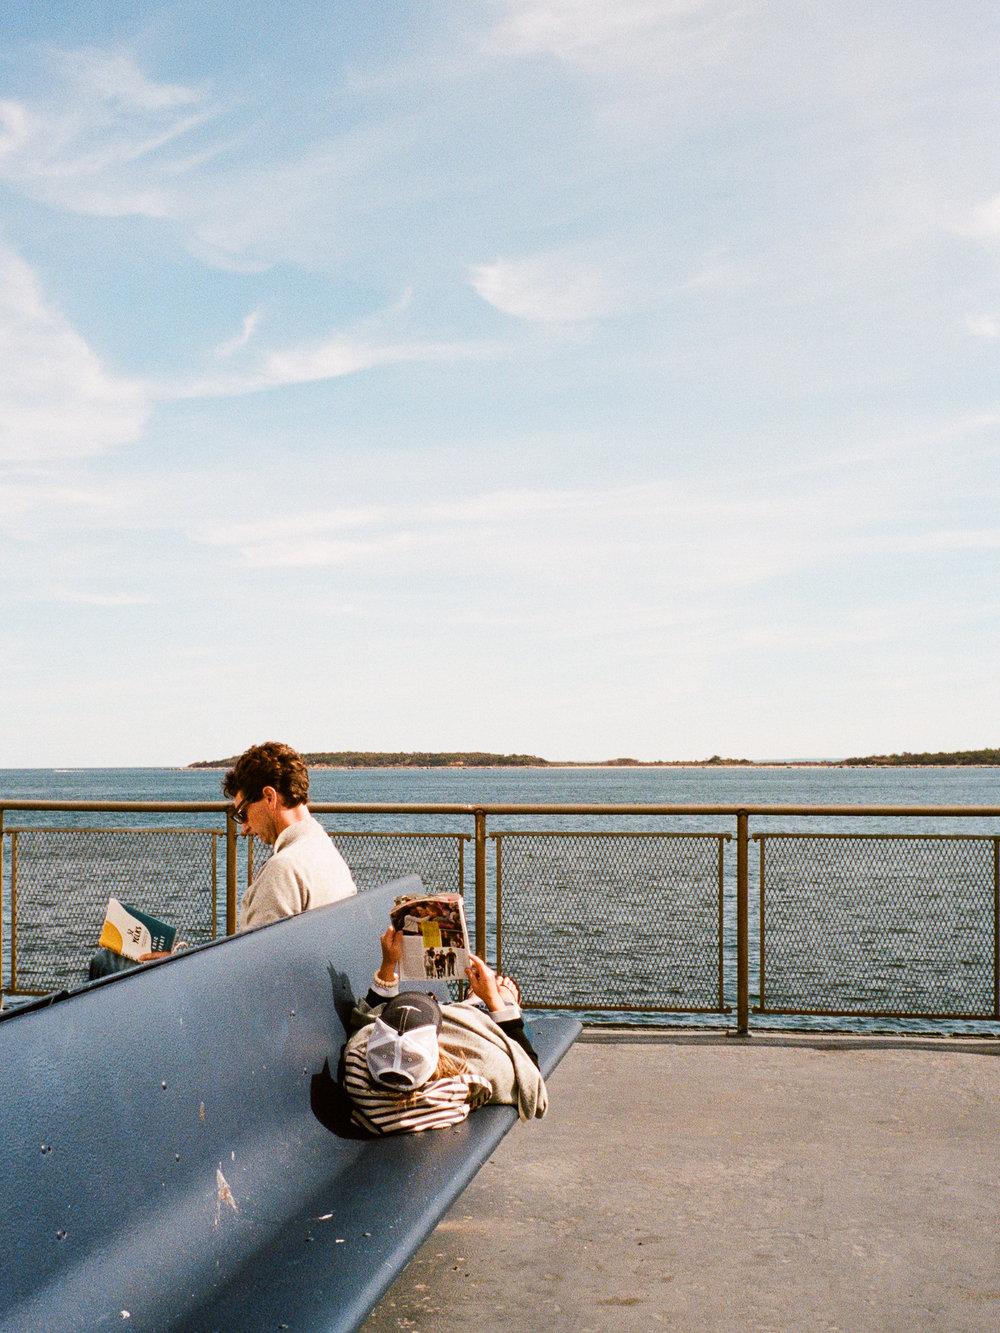 LeicaM6_Portra400-579.jpg